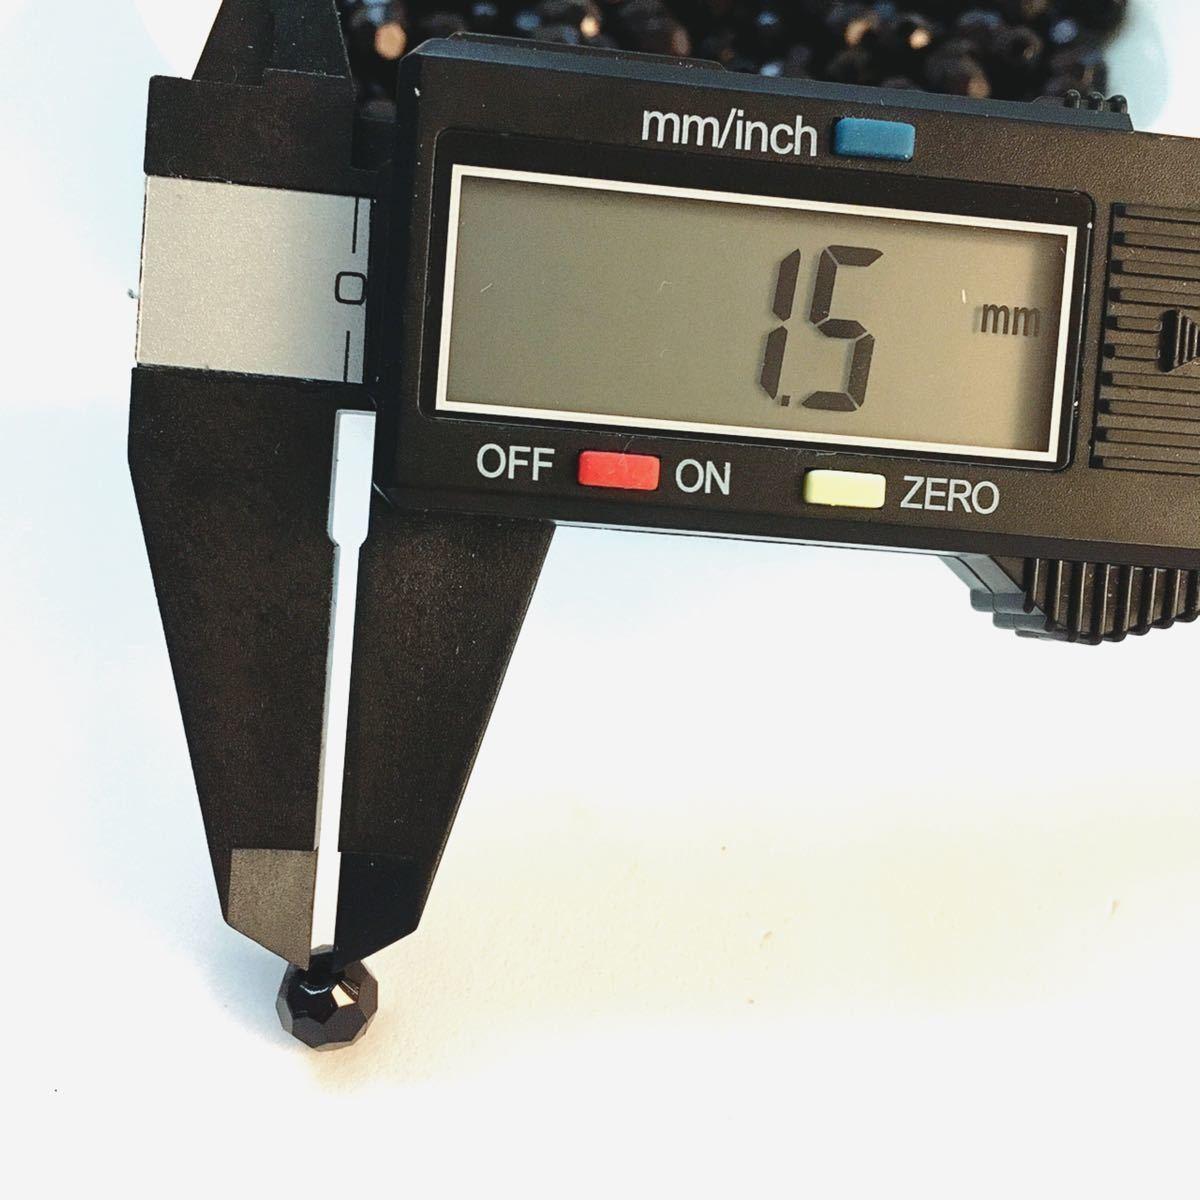 【ビーズパーツ】8mm角丸アクリルビーズ 32面カット(ブラック)200コ